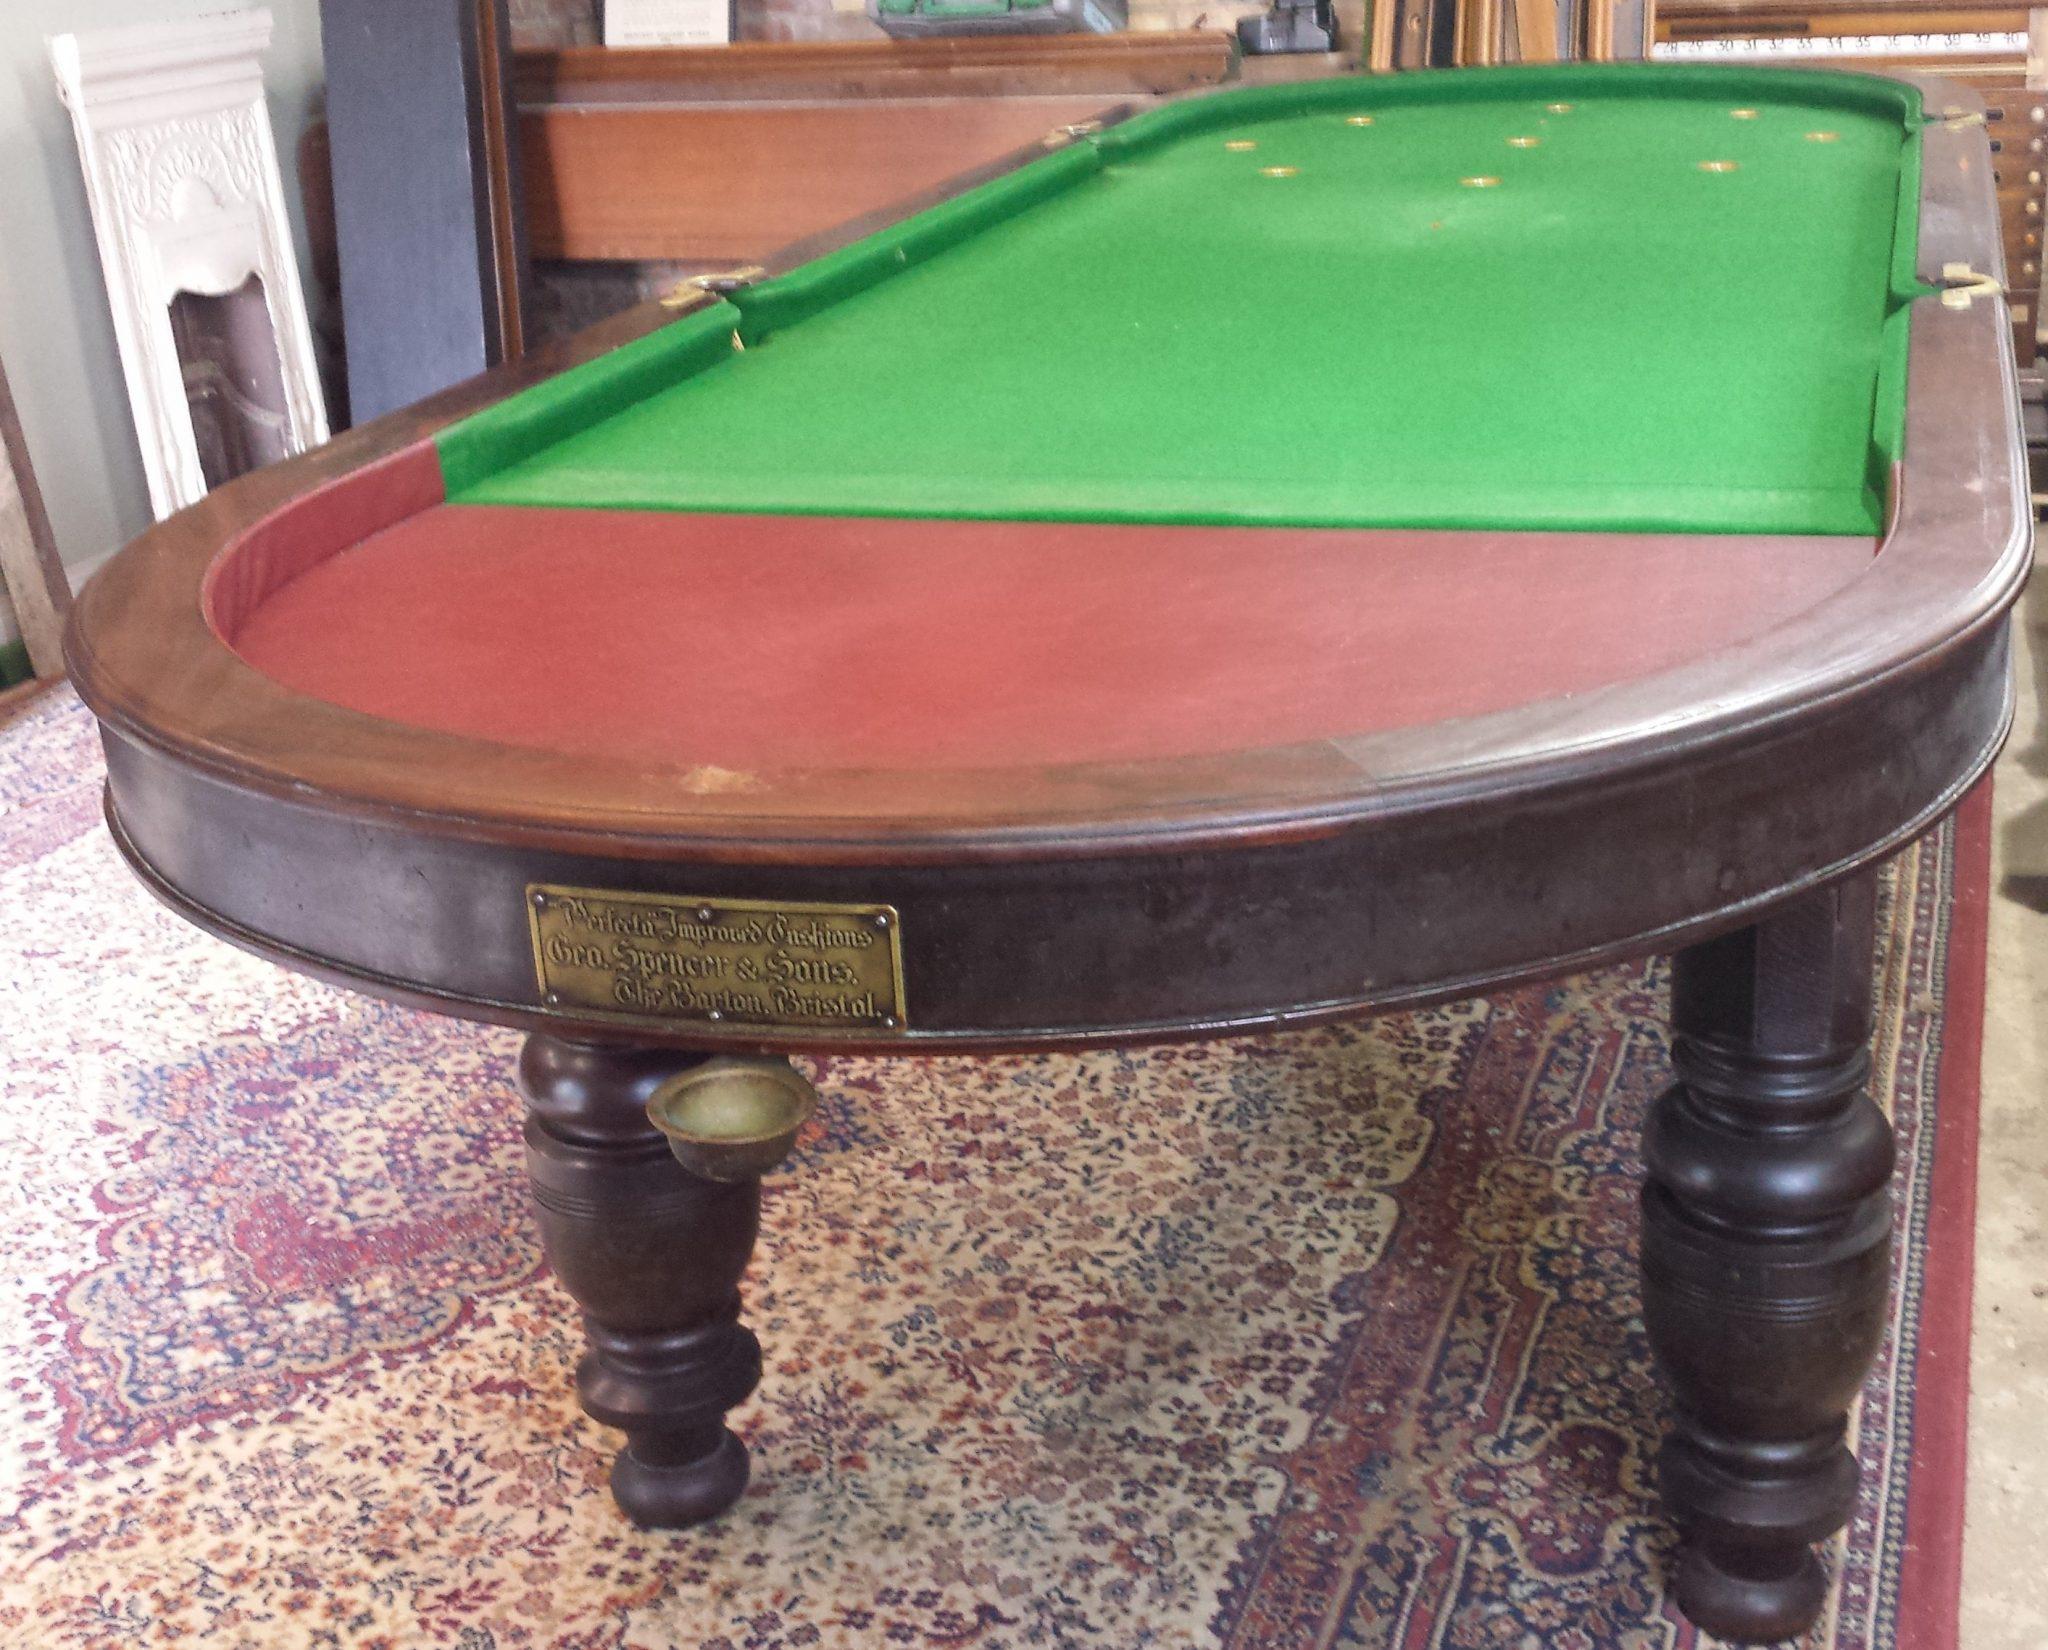 Antique Bagatelle Table 19 Browns Antiques Billiards